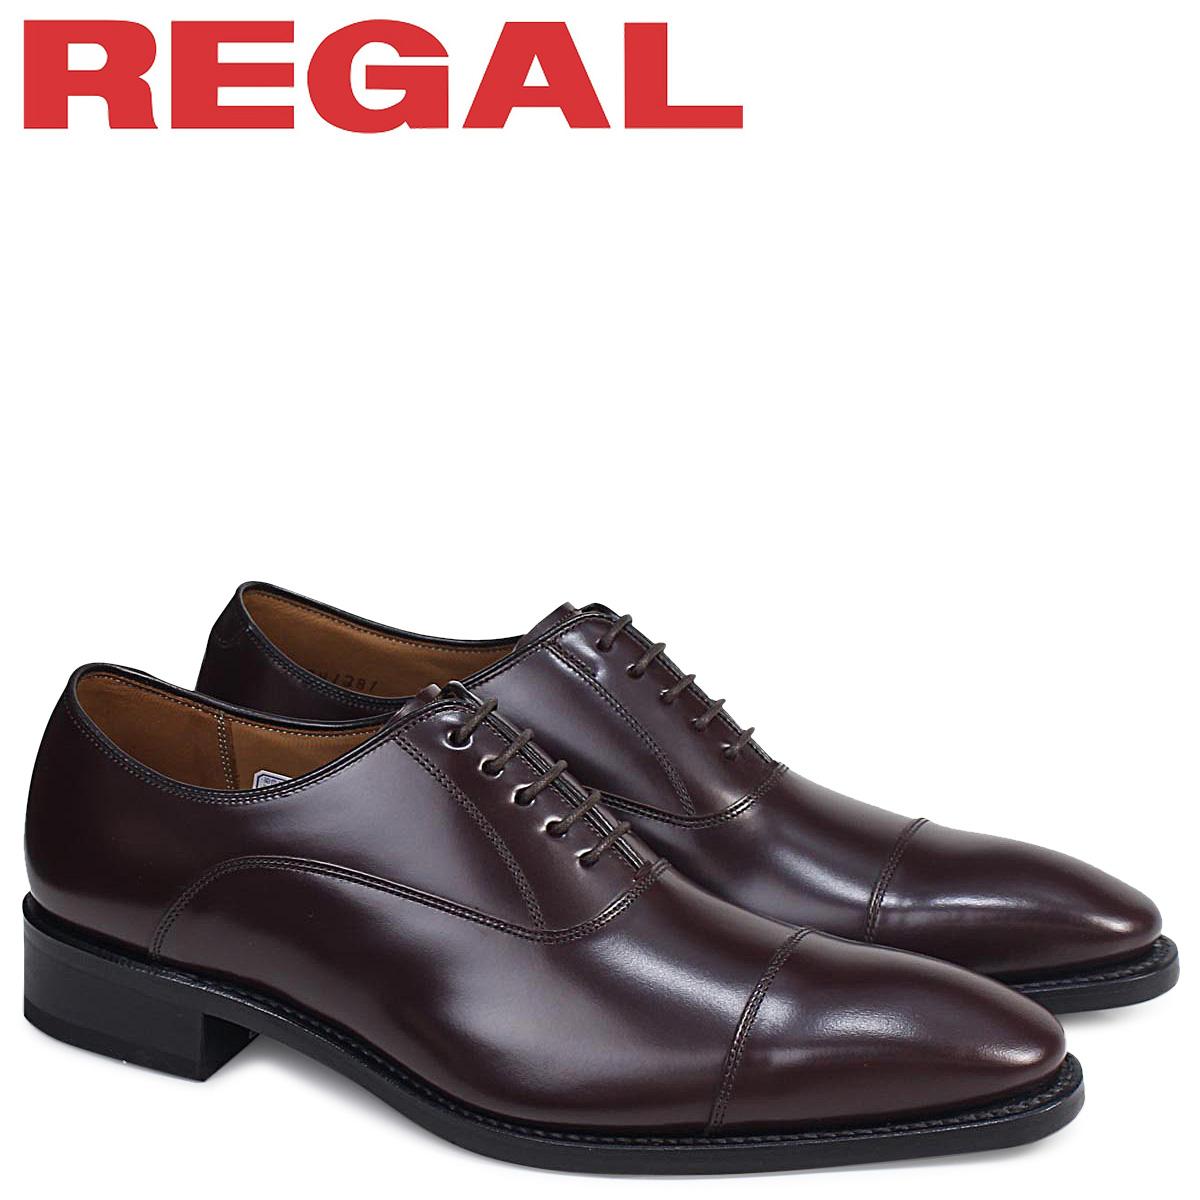 REGAL 靴 メンズ リーガル ストレートチップ 315RBE ビジネスシューズ 日本製 ダークブラウン